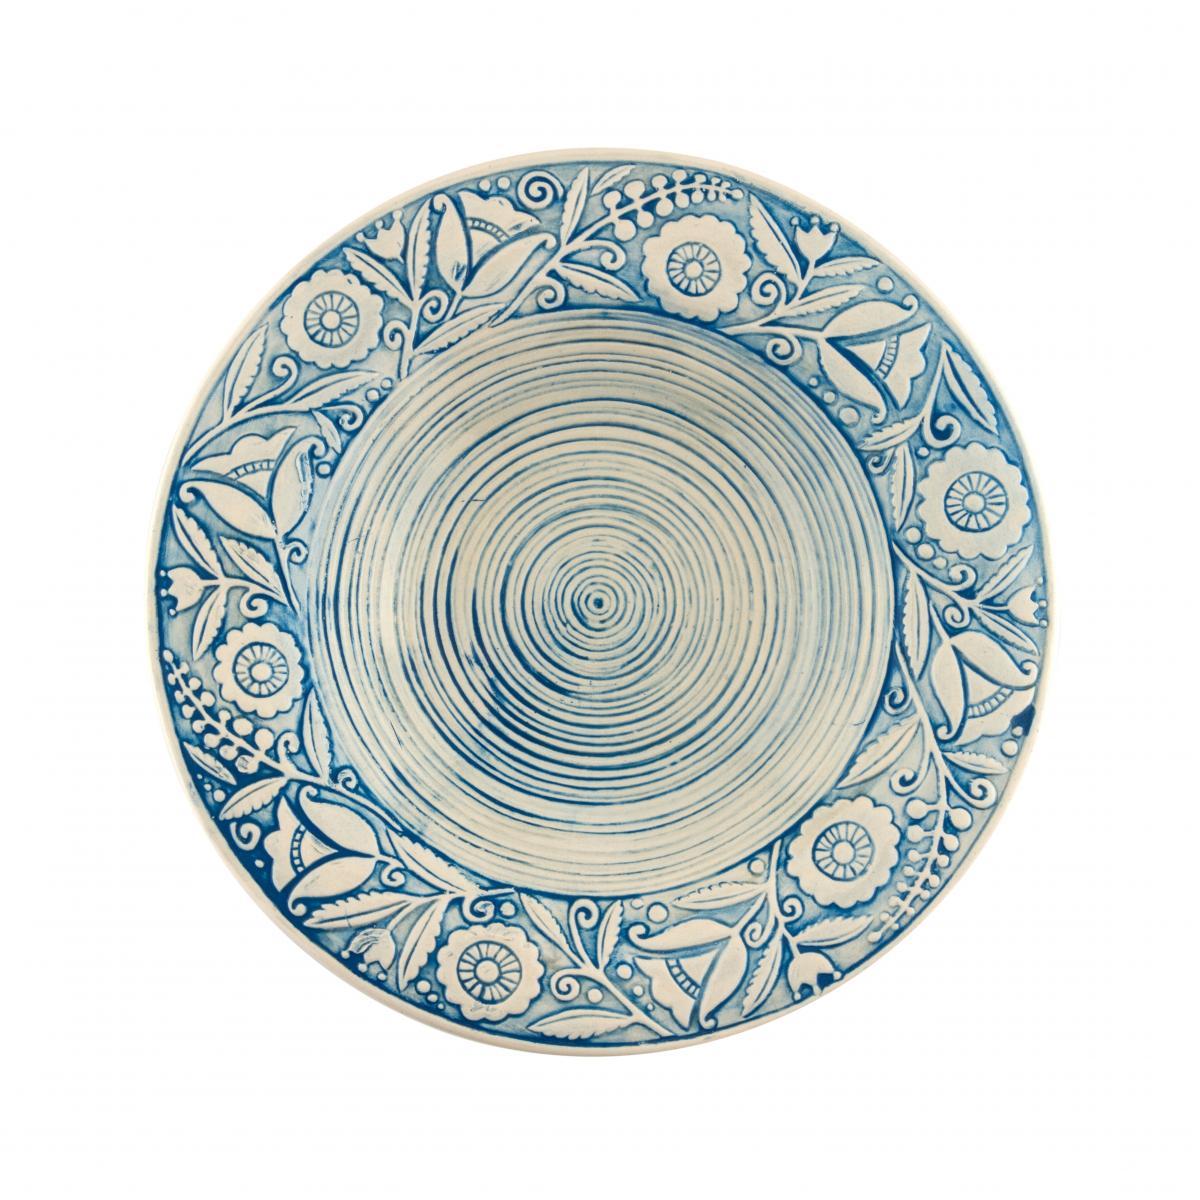 Супова тарілка – 350 мл, Небесно-блакитний колір. Фото №2. | Народний дім Україна